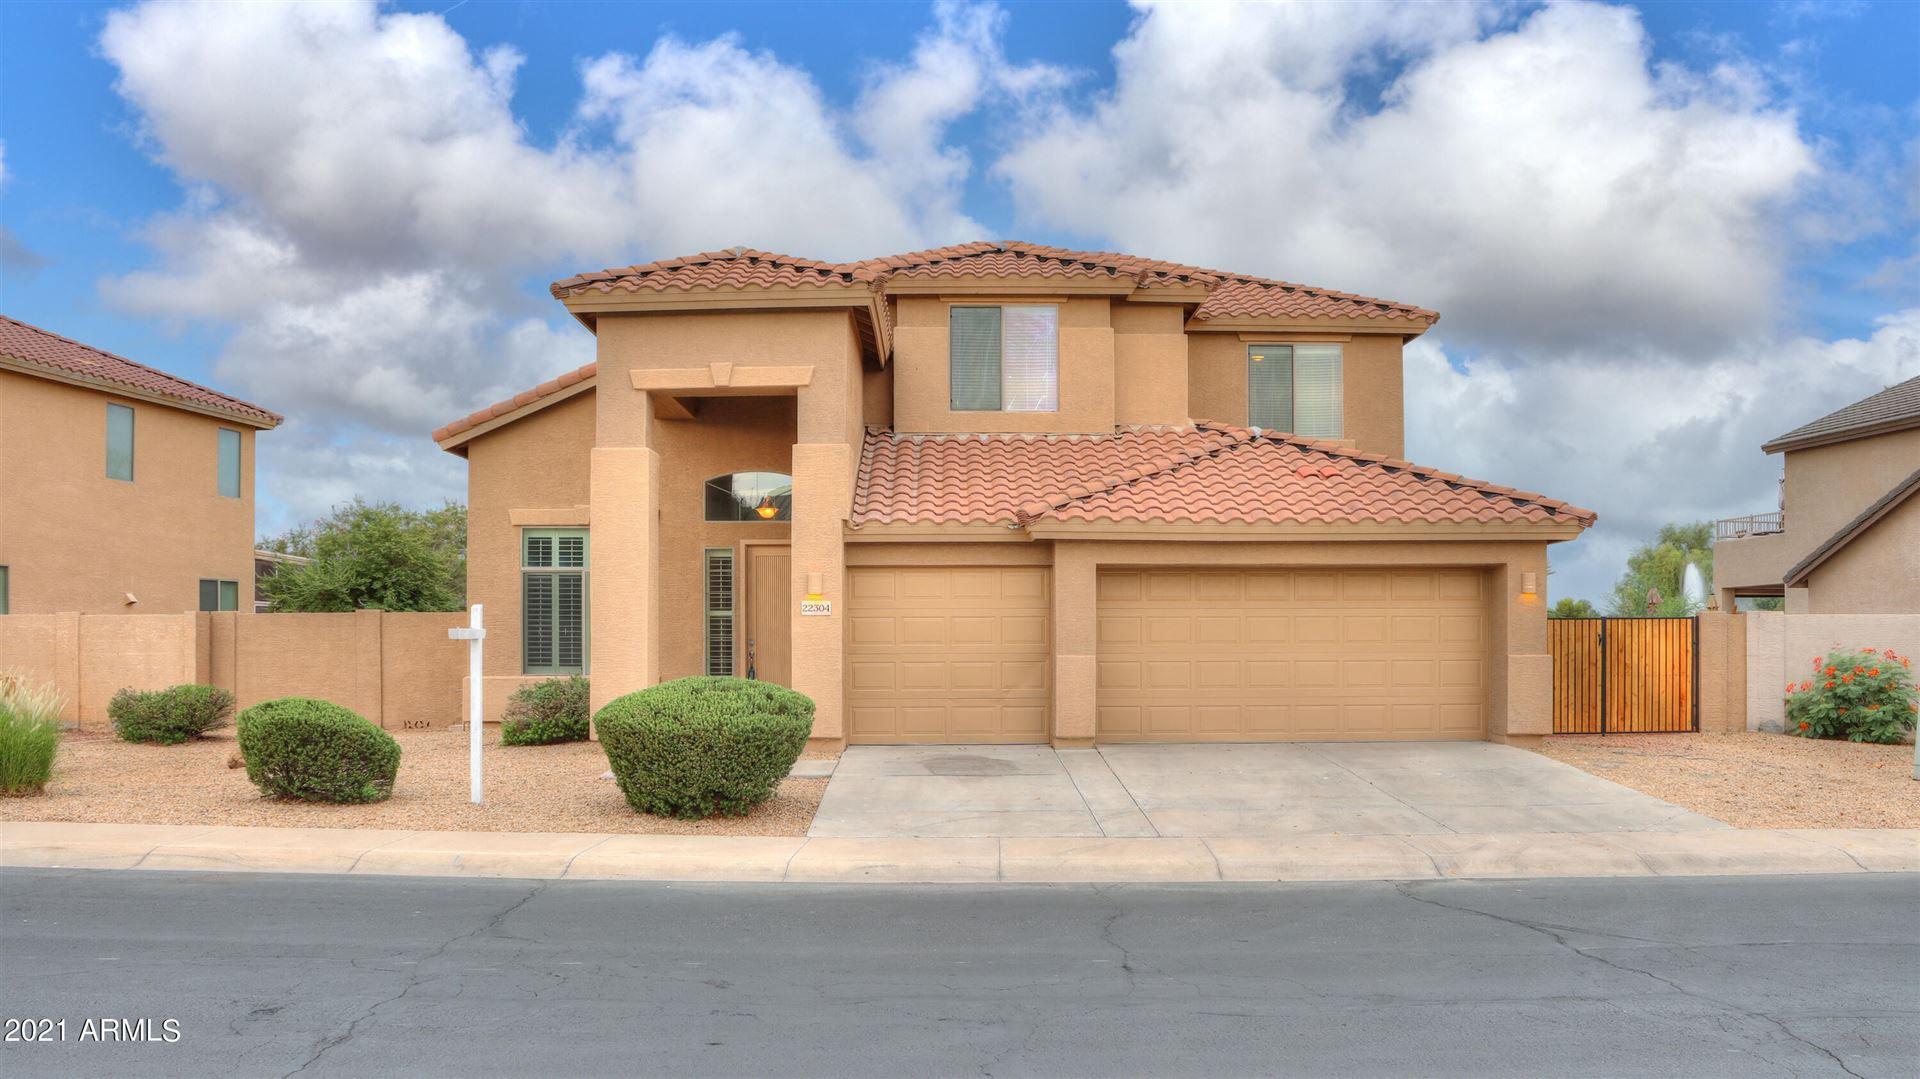 Photo for 22304 N Balboa Drive, Maricopa, AZ 85138 (MLS # 6298932)